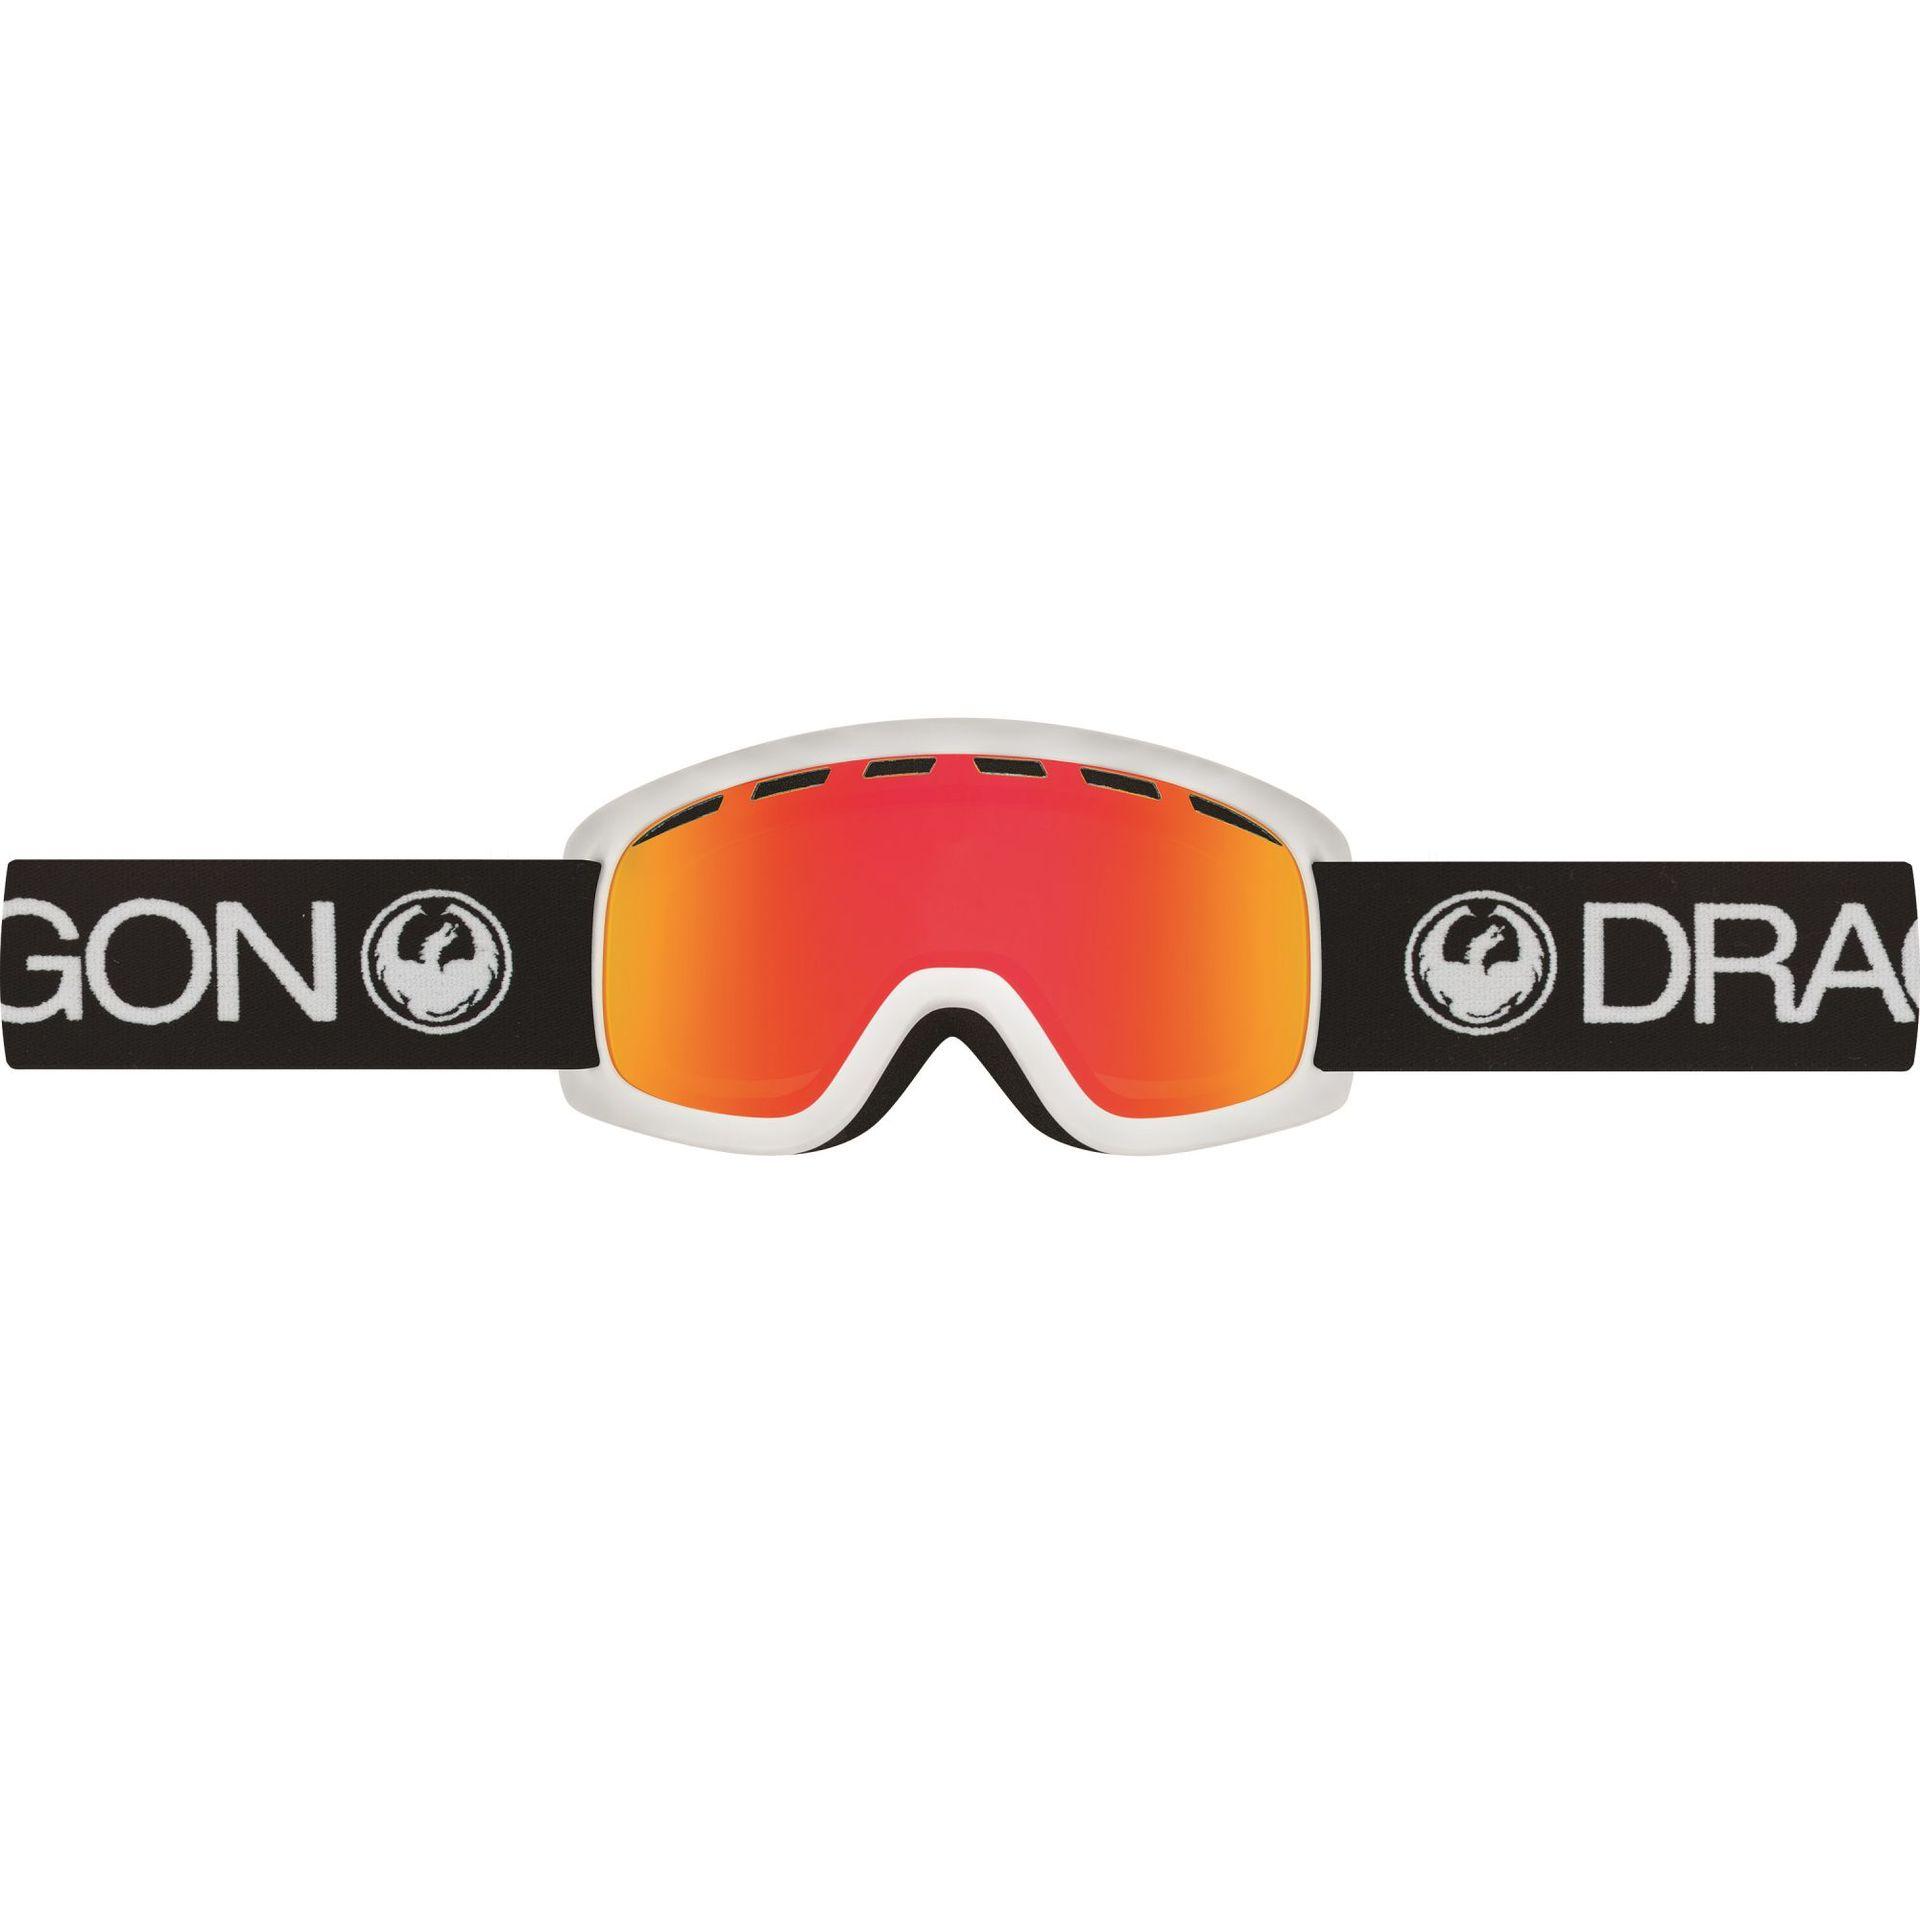 GOGLE DRAGON LIL D 4985 1